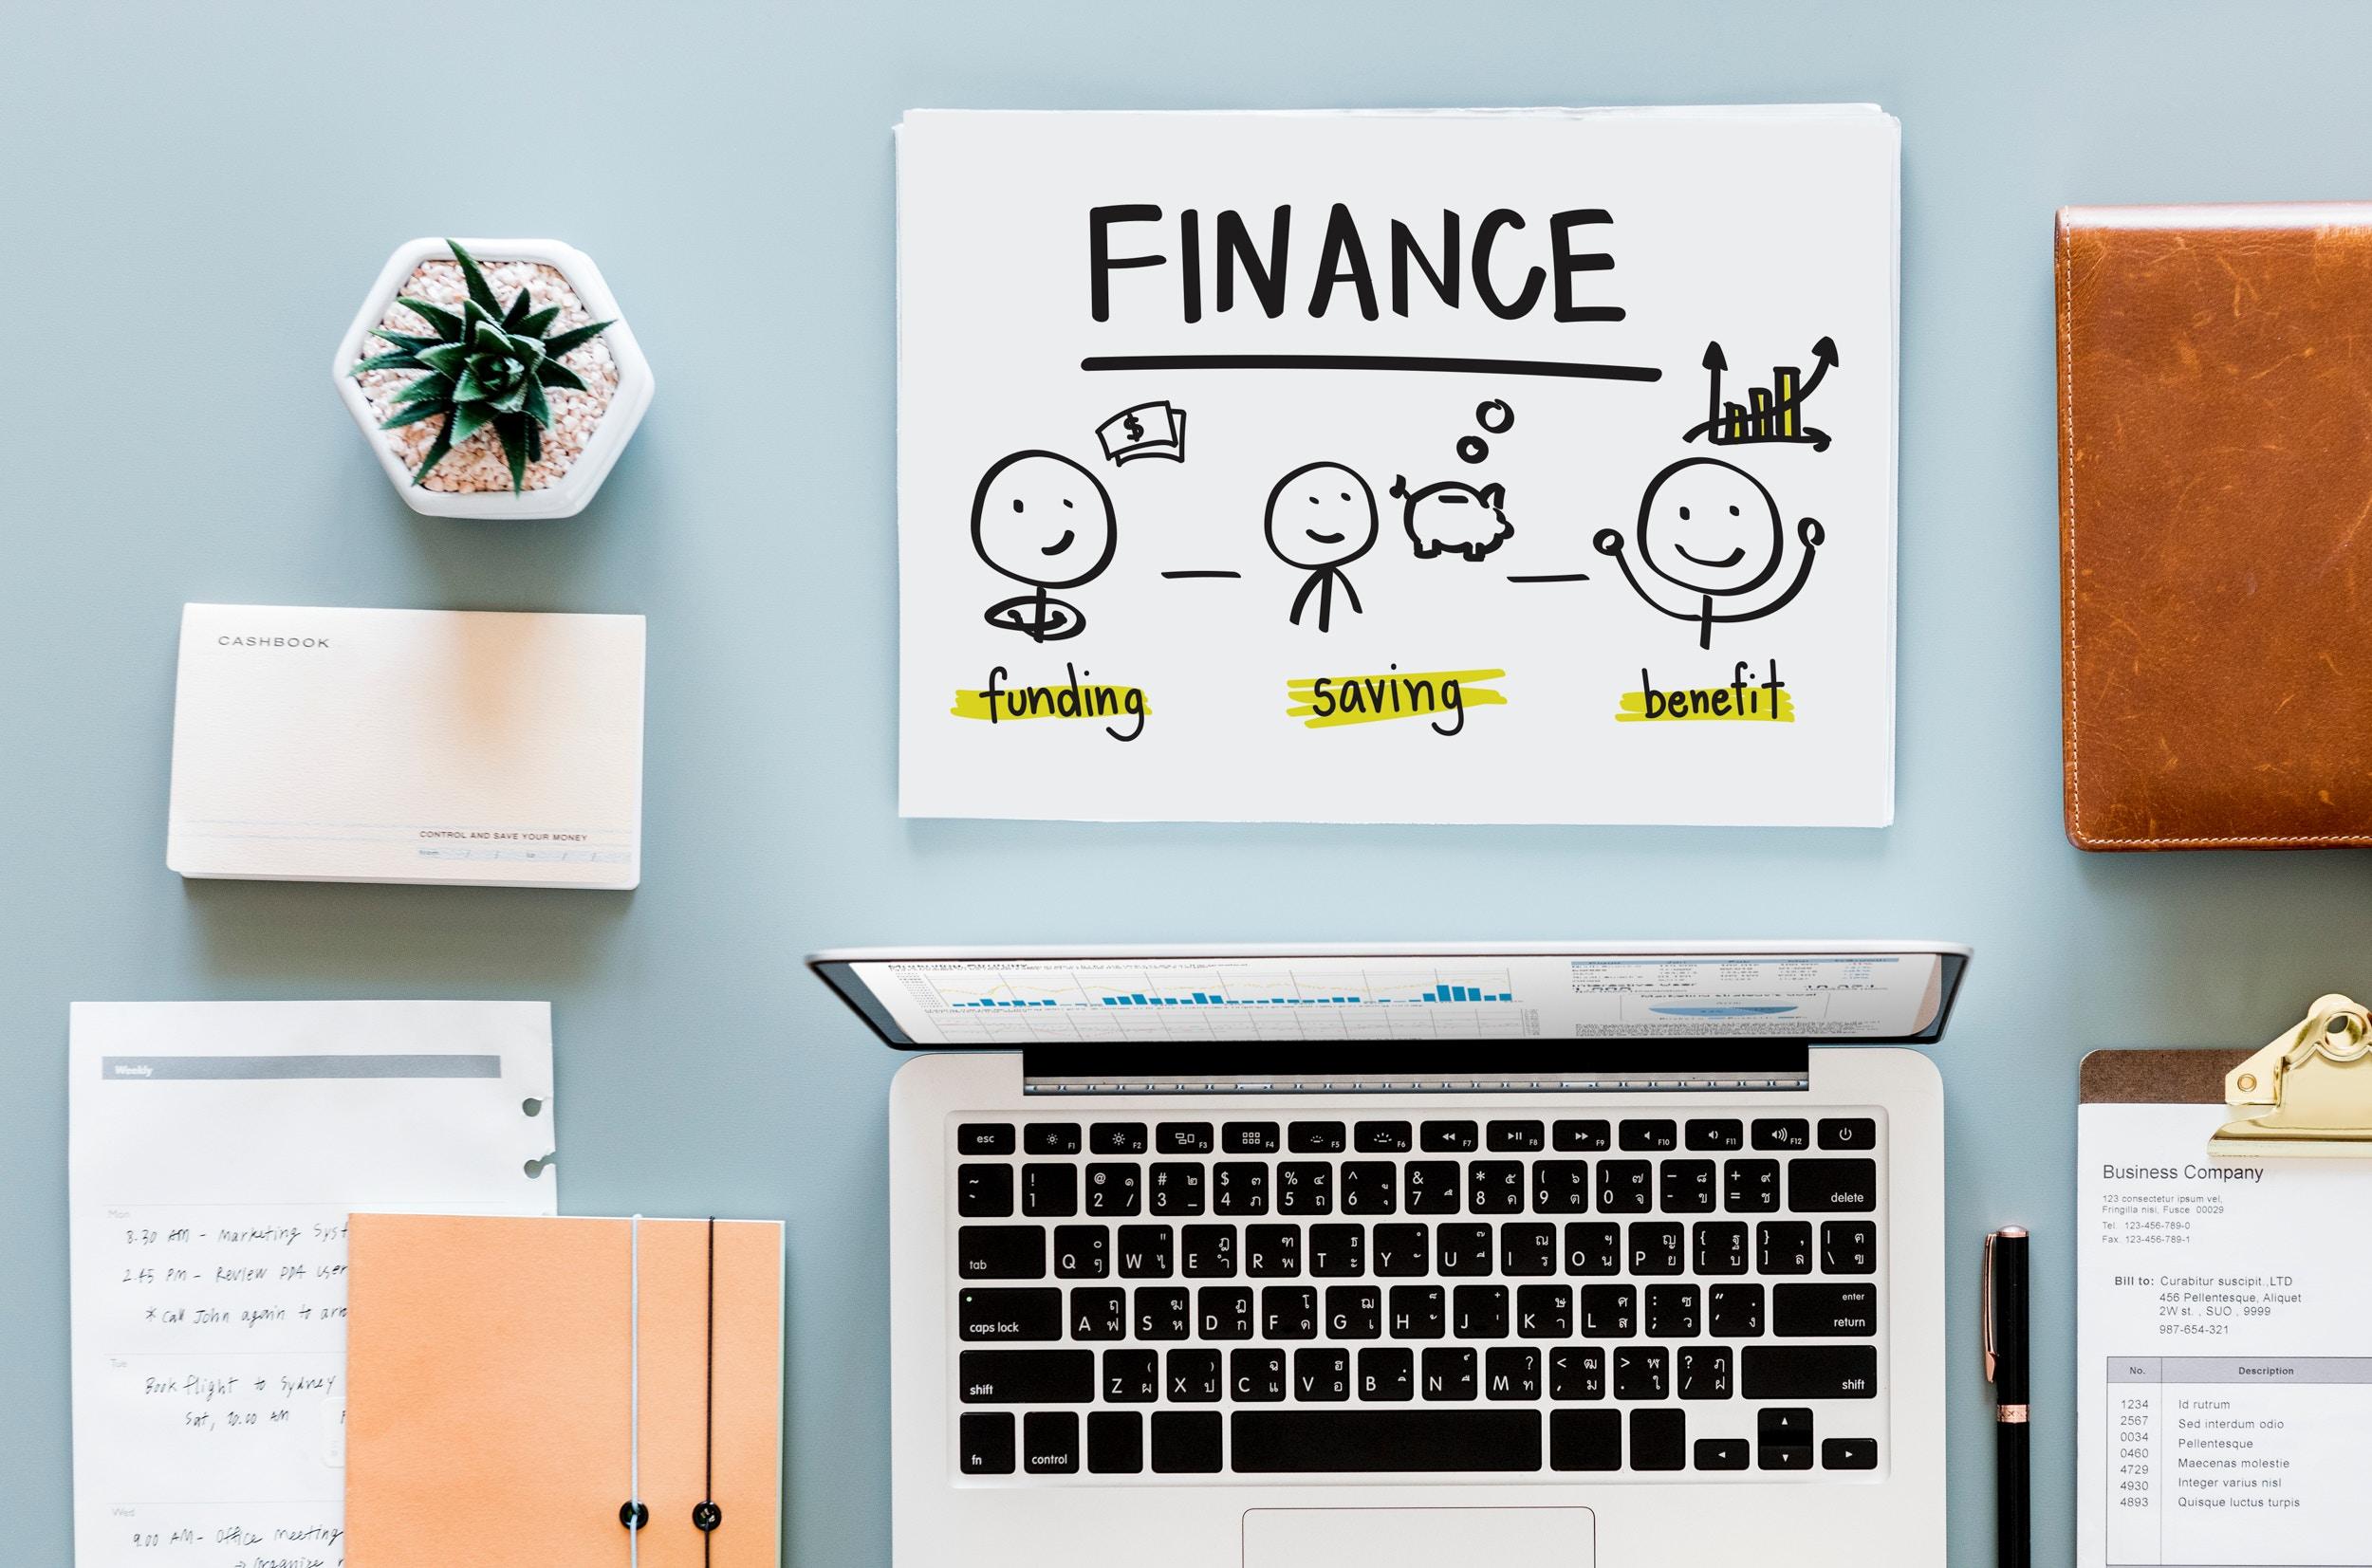 مراحل جذب سرمایه برای کسبوکارها(دورههای تامین مالی)